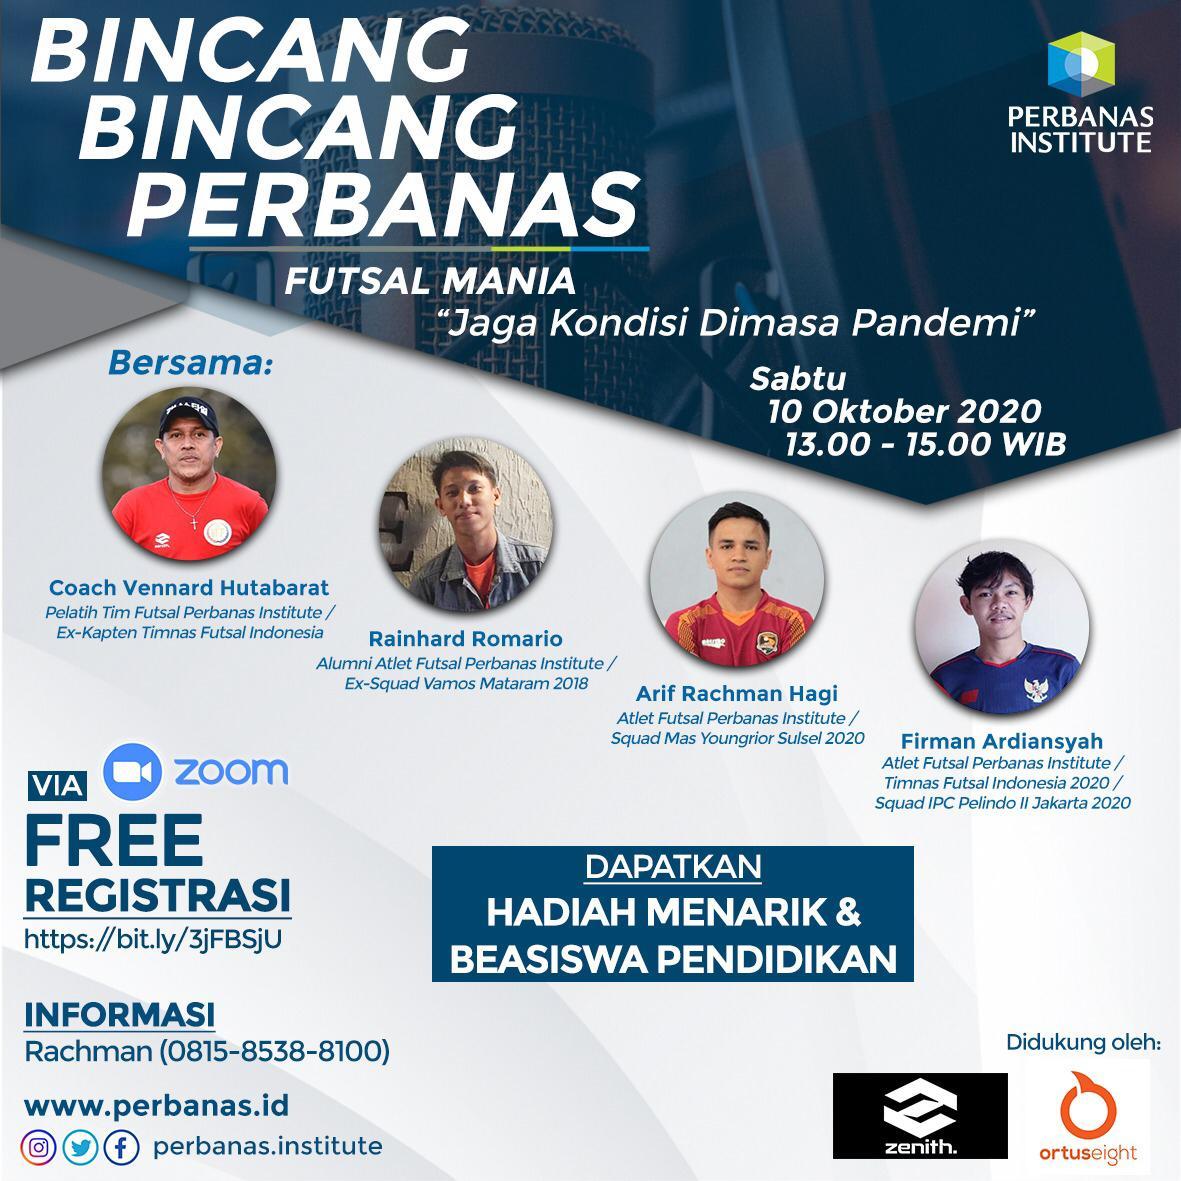 """Bincang-Bincang Perbanas Futsal Mania Dengan Topik """"Jaga Kondisi Dimasa Pandemi"""""""